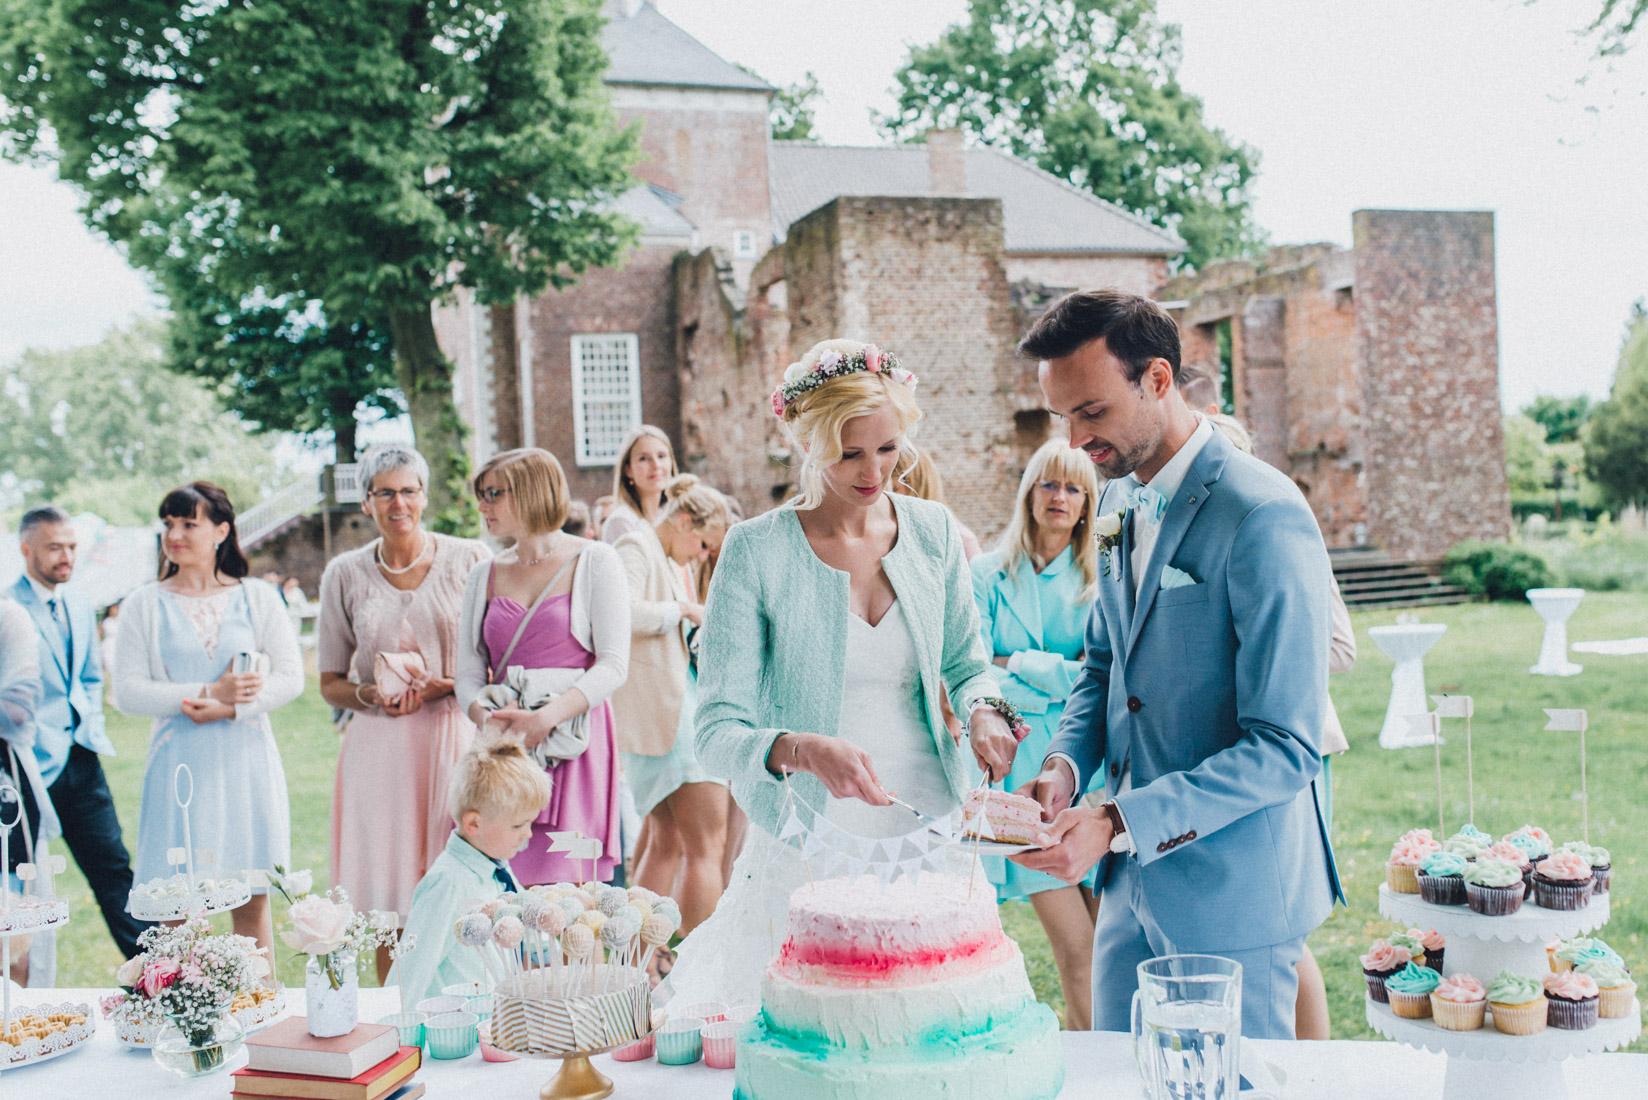 pastel-vintage-hertefeld-102 hochzeitsfotograf schloss hertefeldGalina & Robert DIY Pastel Vintage Hochzeit auf Schloss Hertefeldpastel vintage hertefeld 102